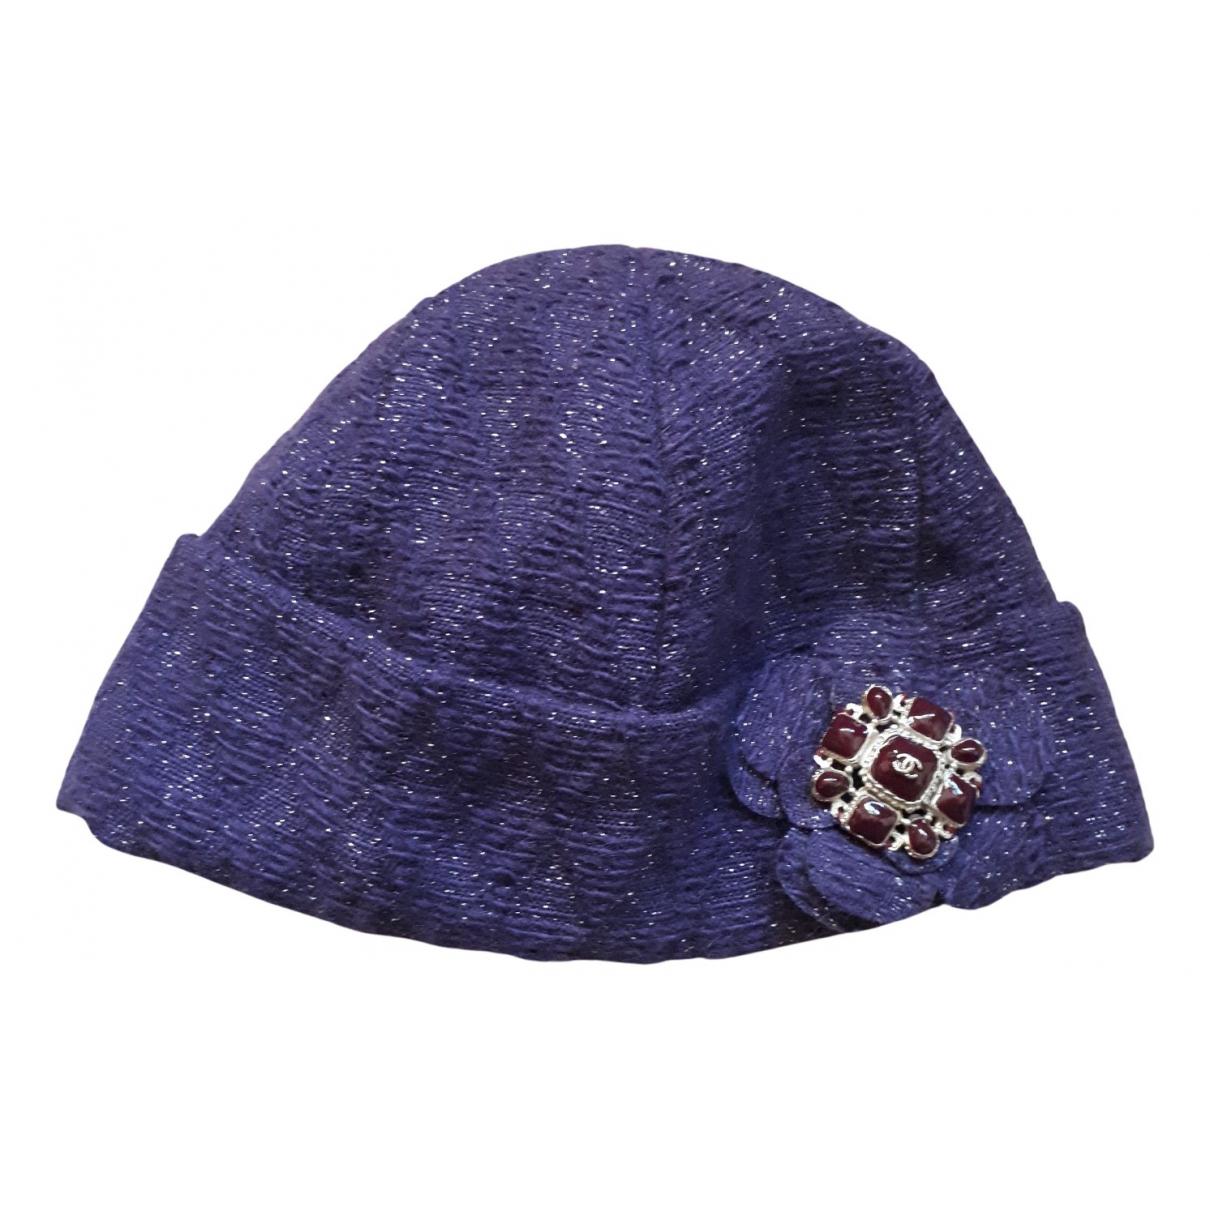 Chanel - Chapeau   pour femme en laine - violet